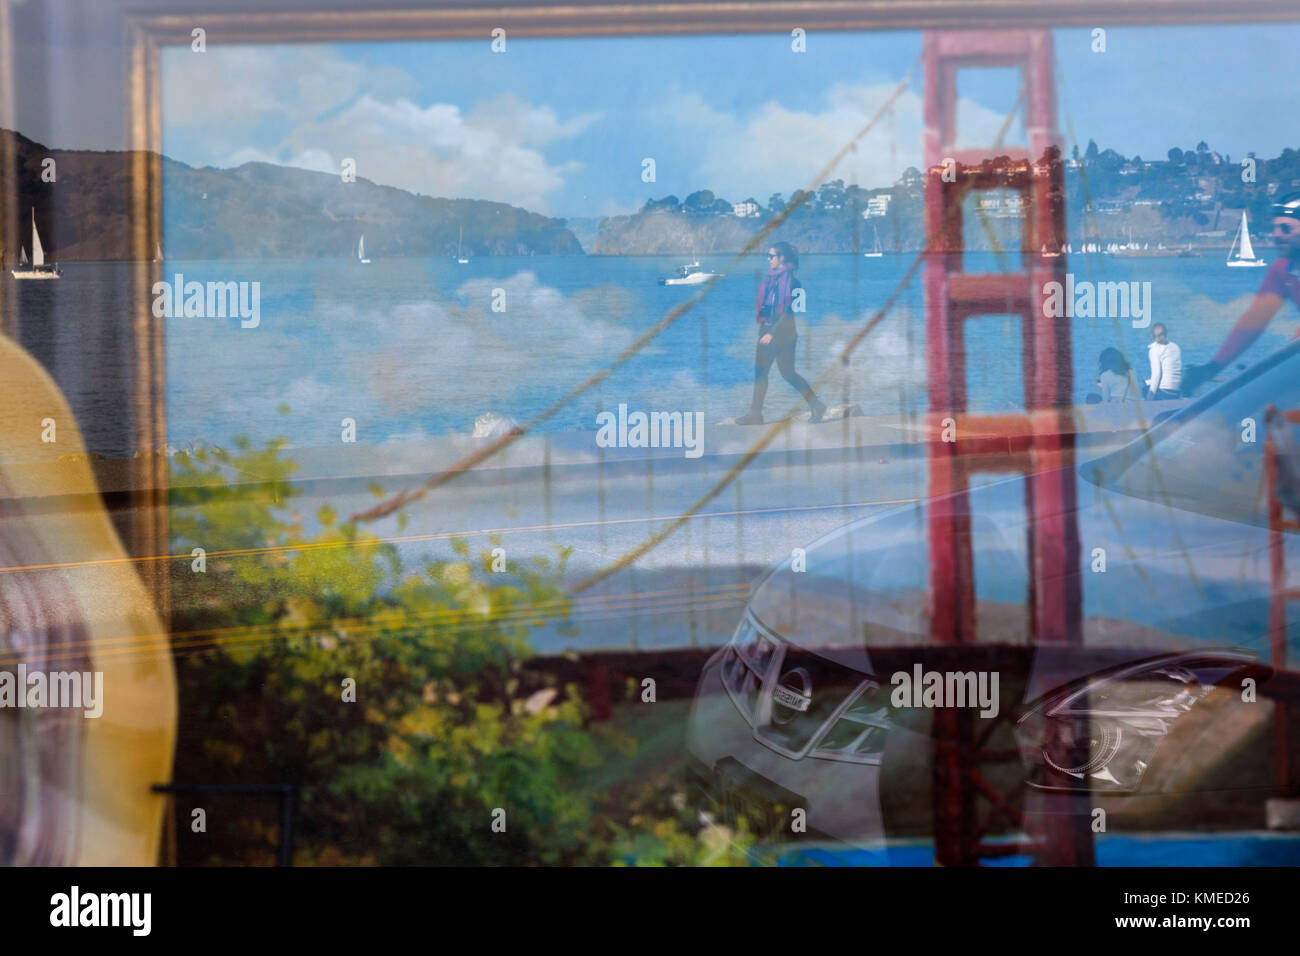 Reflejo del puente Golden Gate en la ventana,Sausalito, California, EE.UU. Imagen De Stock